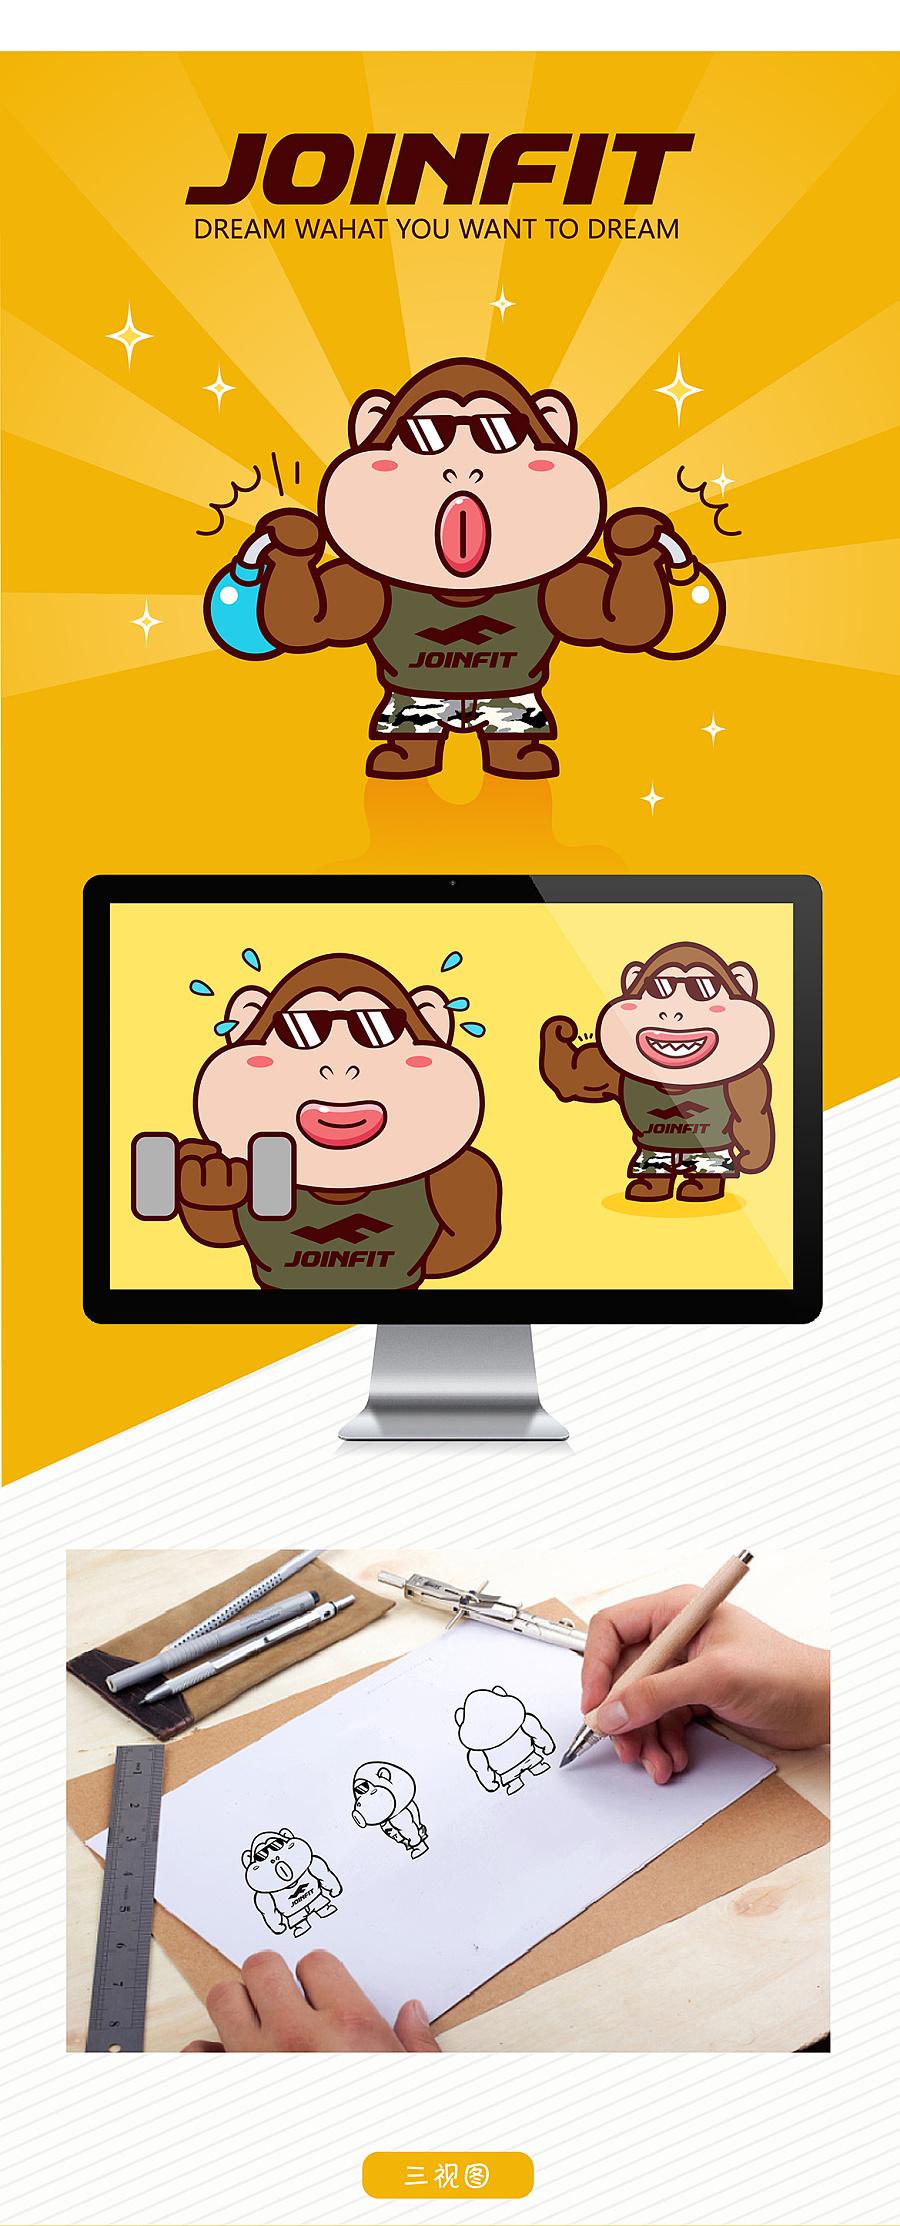 JOINFIT健身器材品牌卡通形象吉祥物设计微信